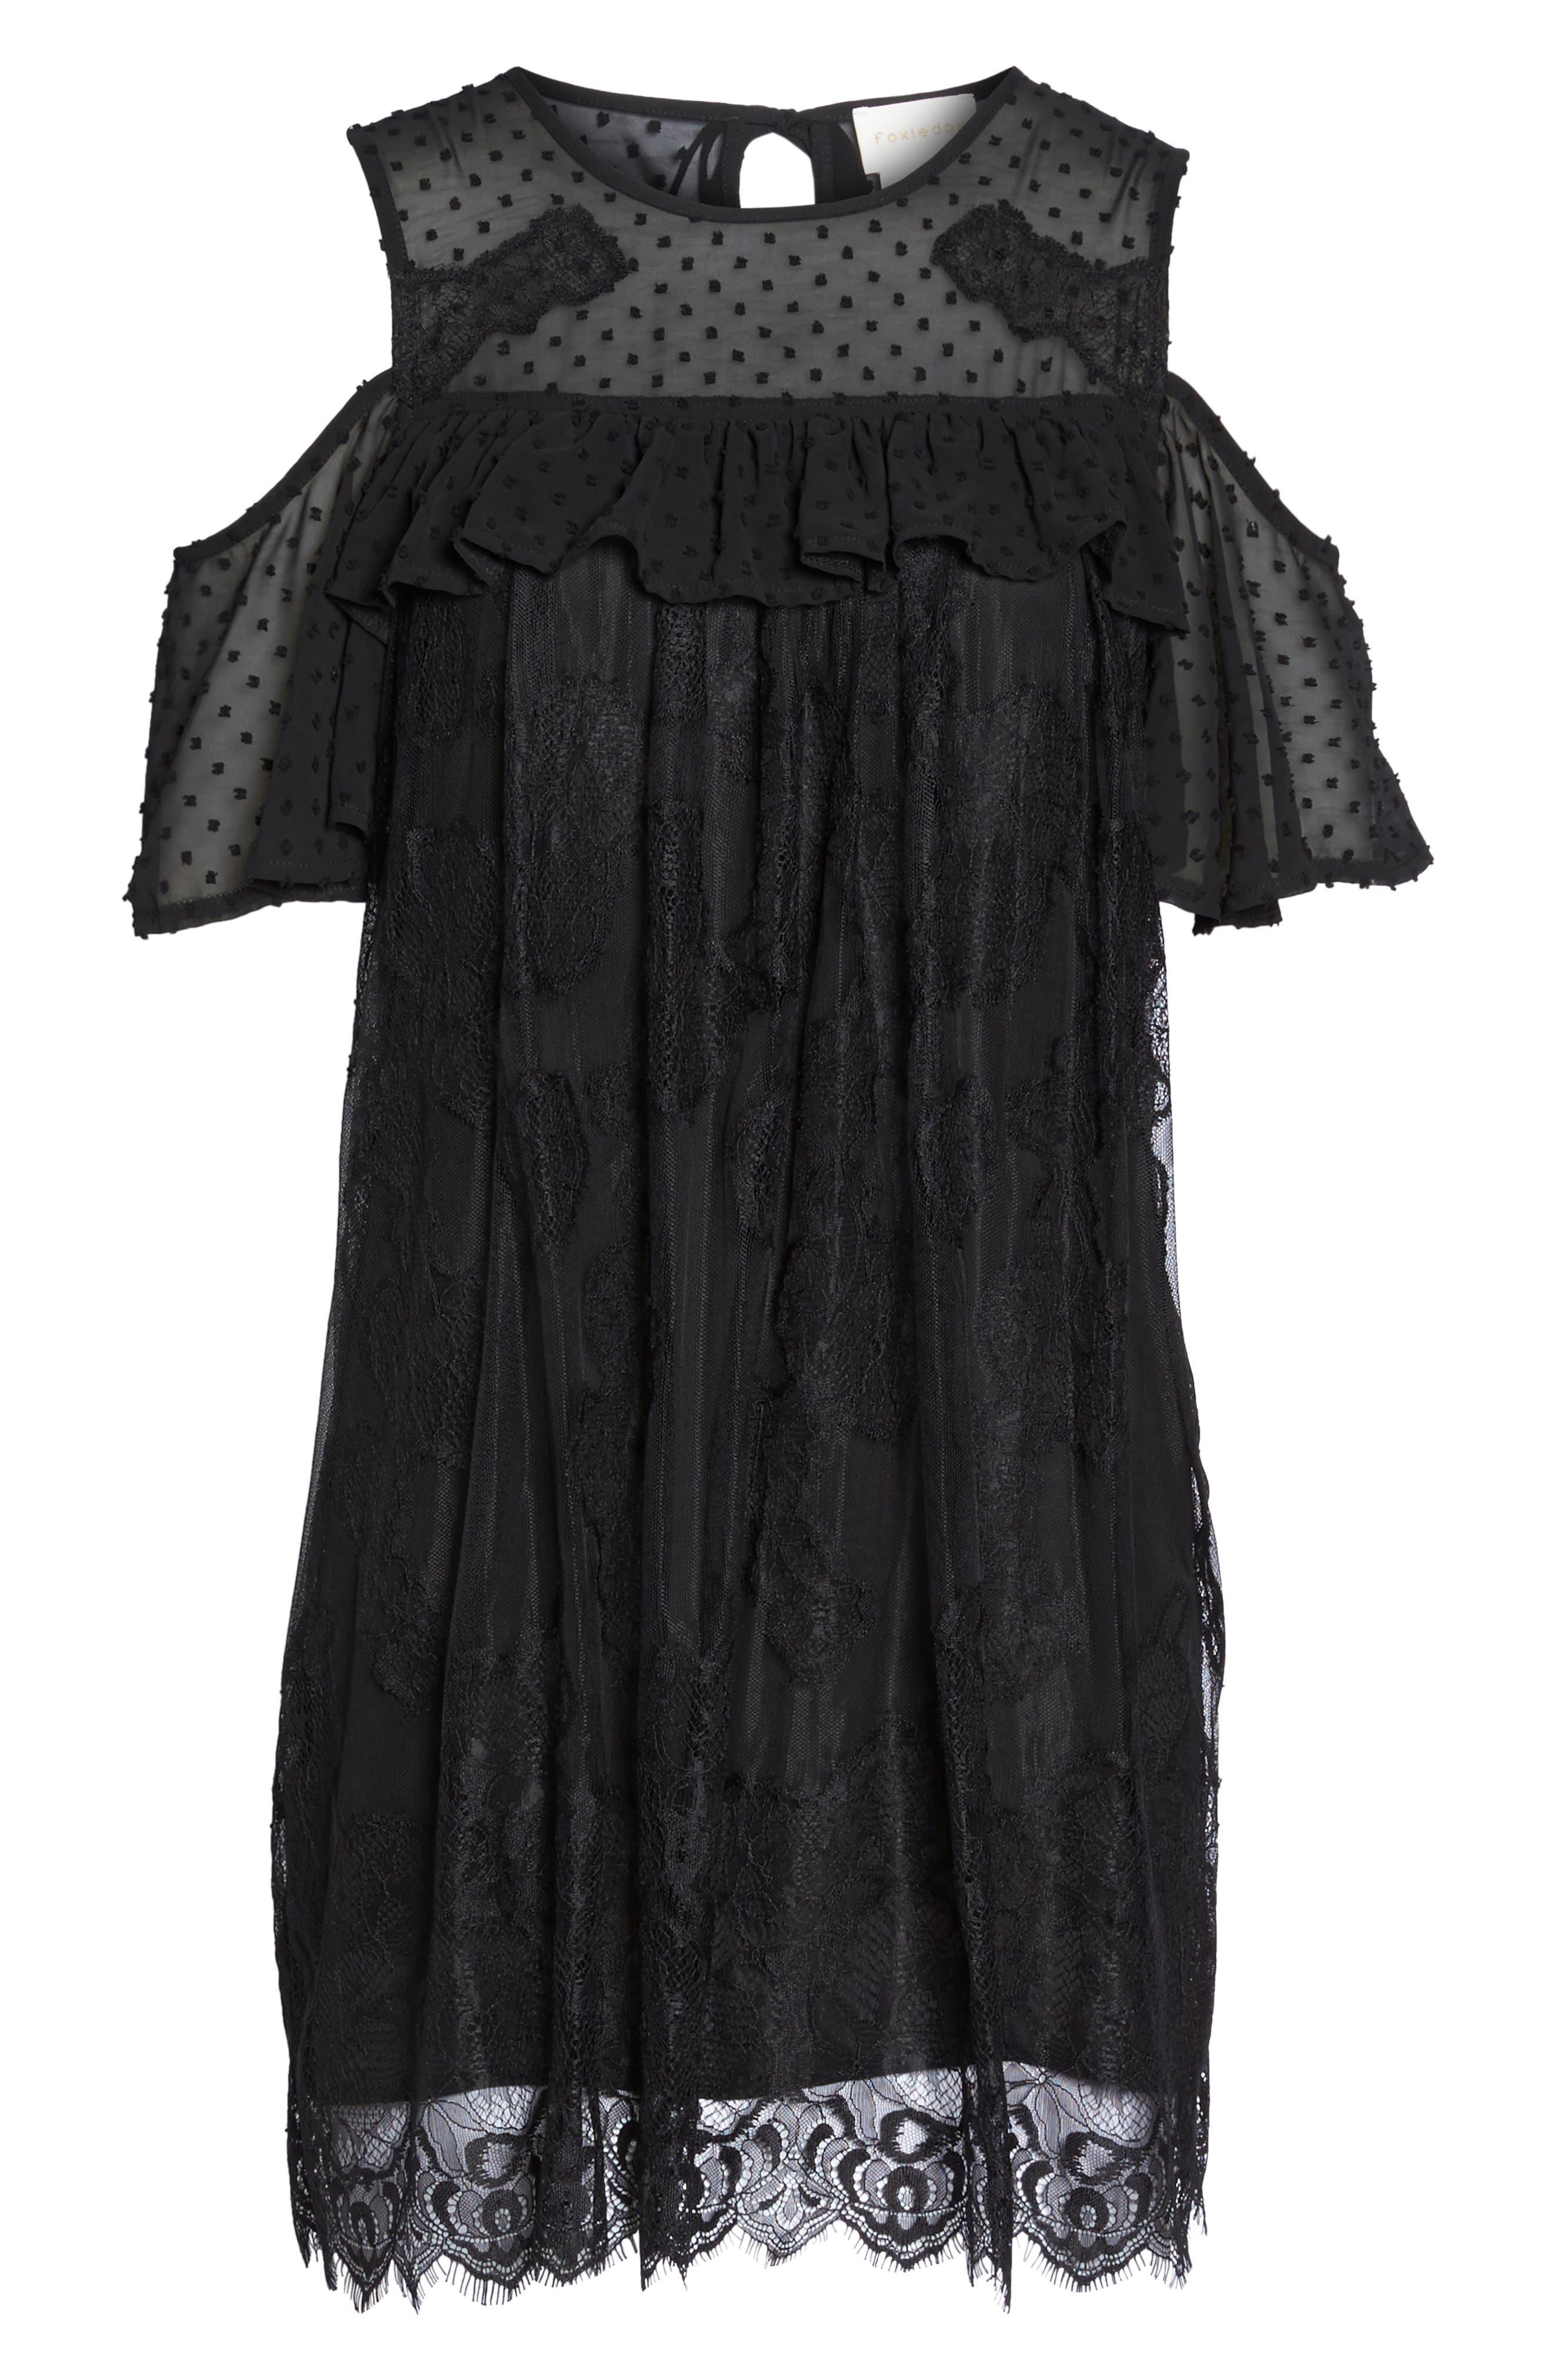 Babette Cold Shoulder Trapeze Dress,                             Alternate thumbnail 6, color,                             Black